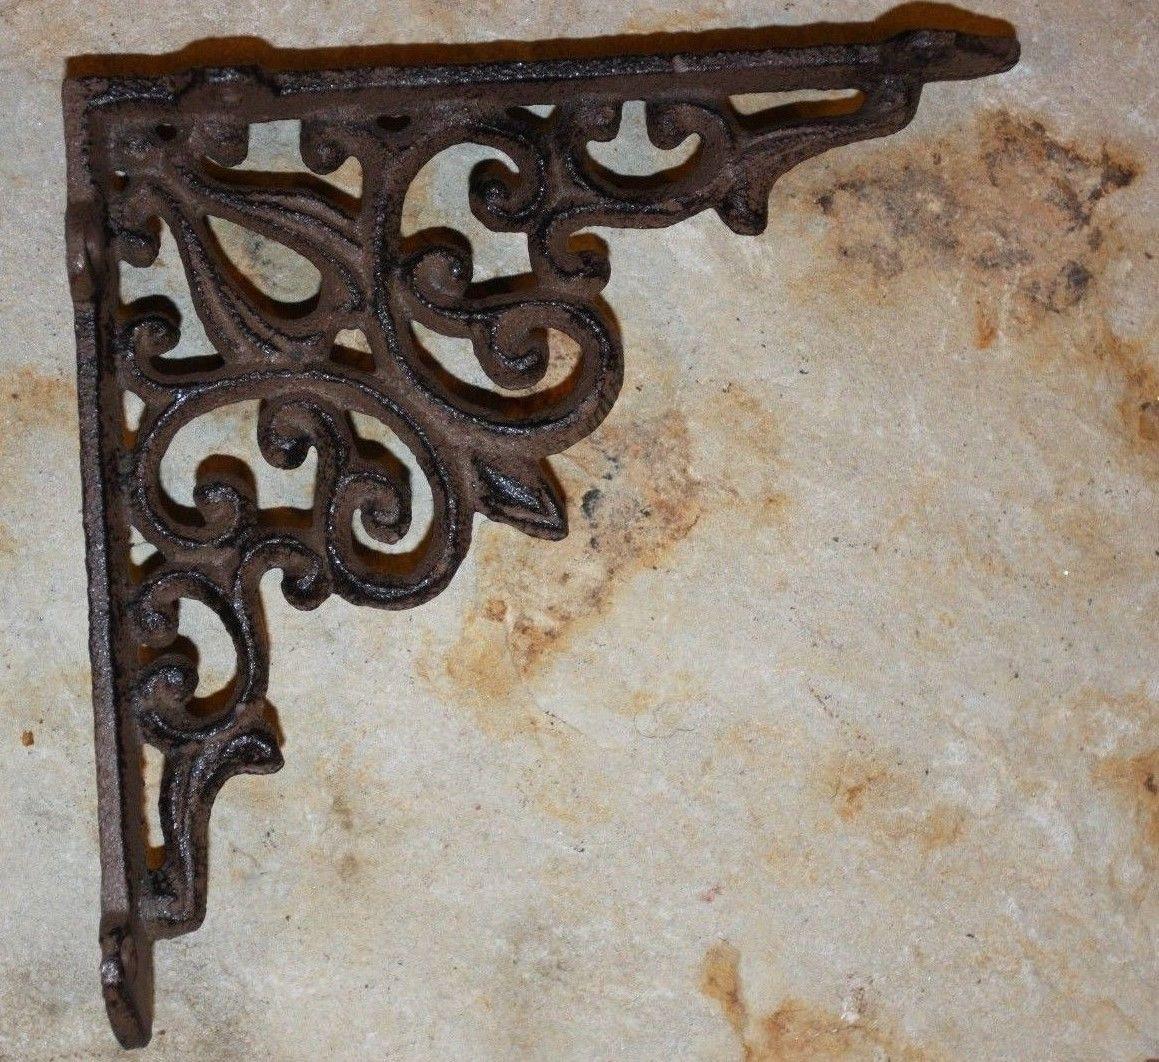 """2) Elegant shelf brackets, elegant cast iron shelf brackets, victorian shelf brackets, Étagère, corbels, free shipping,5 3/4"""" x 5 3/4"""", B-28 by WePeddleMetal on Etsy"""